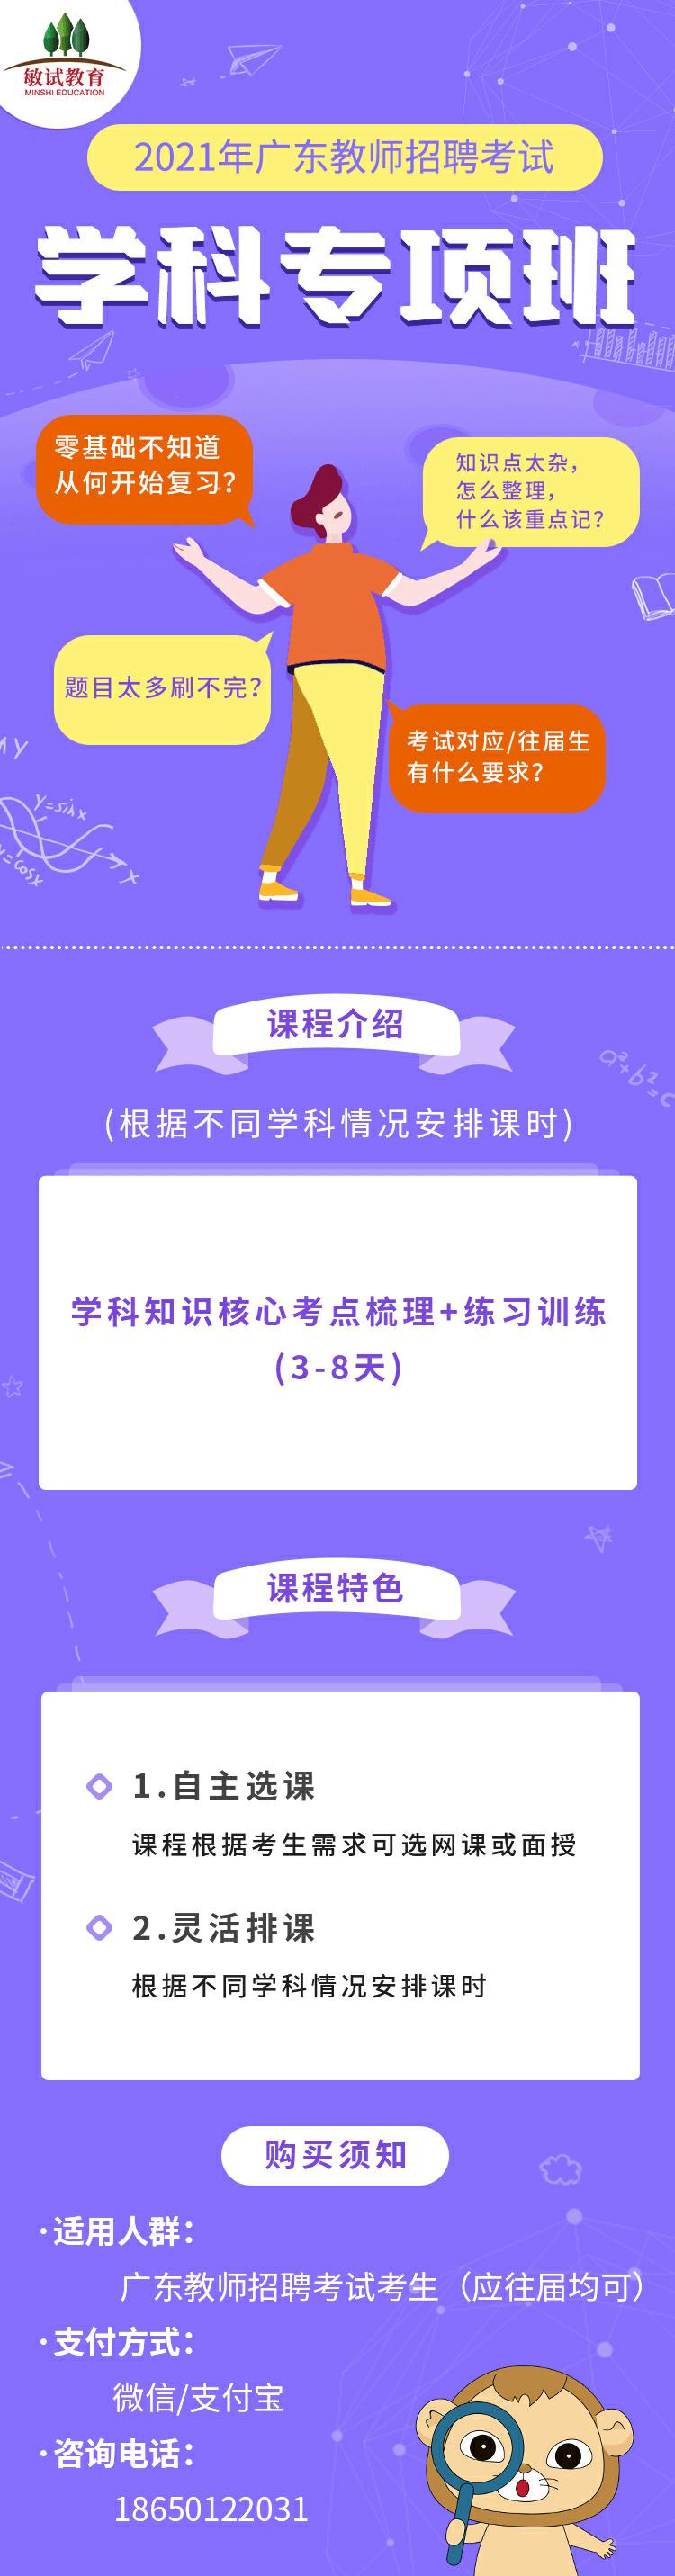 2021广东教师招聘培训:中小学学科专项班